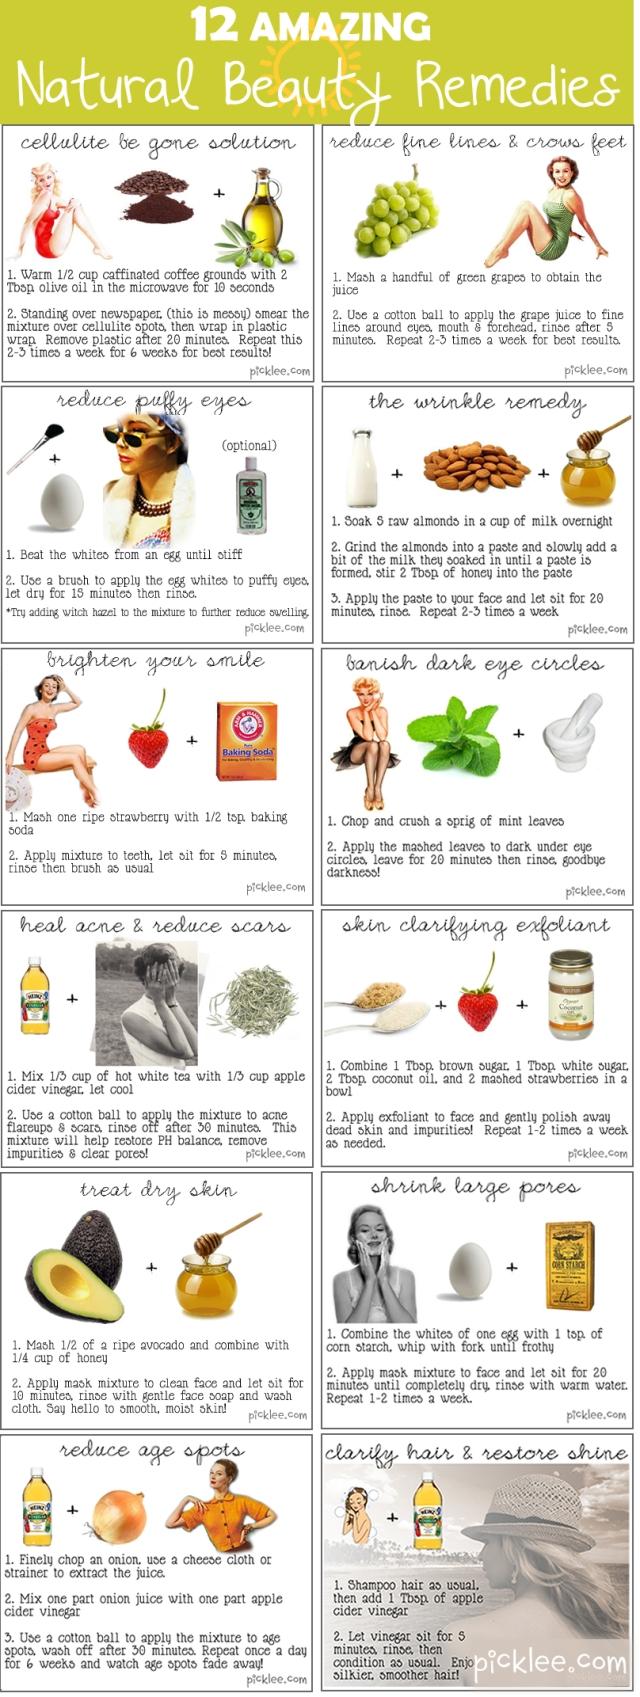 12 asombrosos remedios naturales de belleza